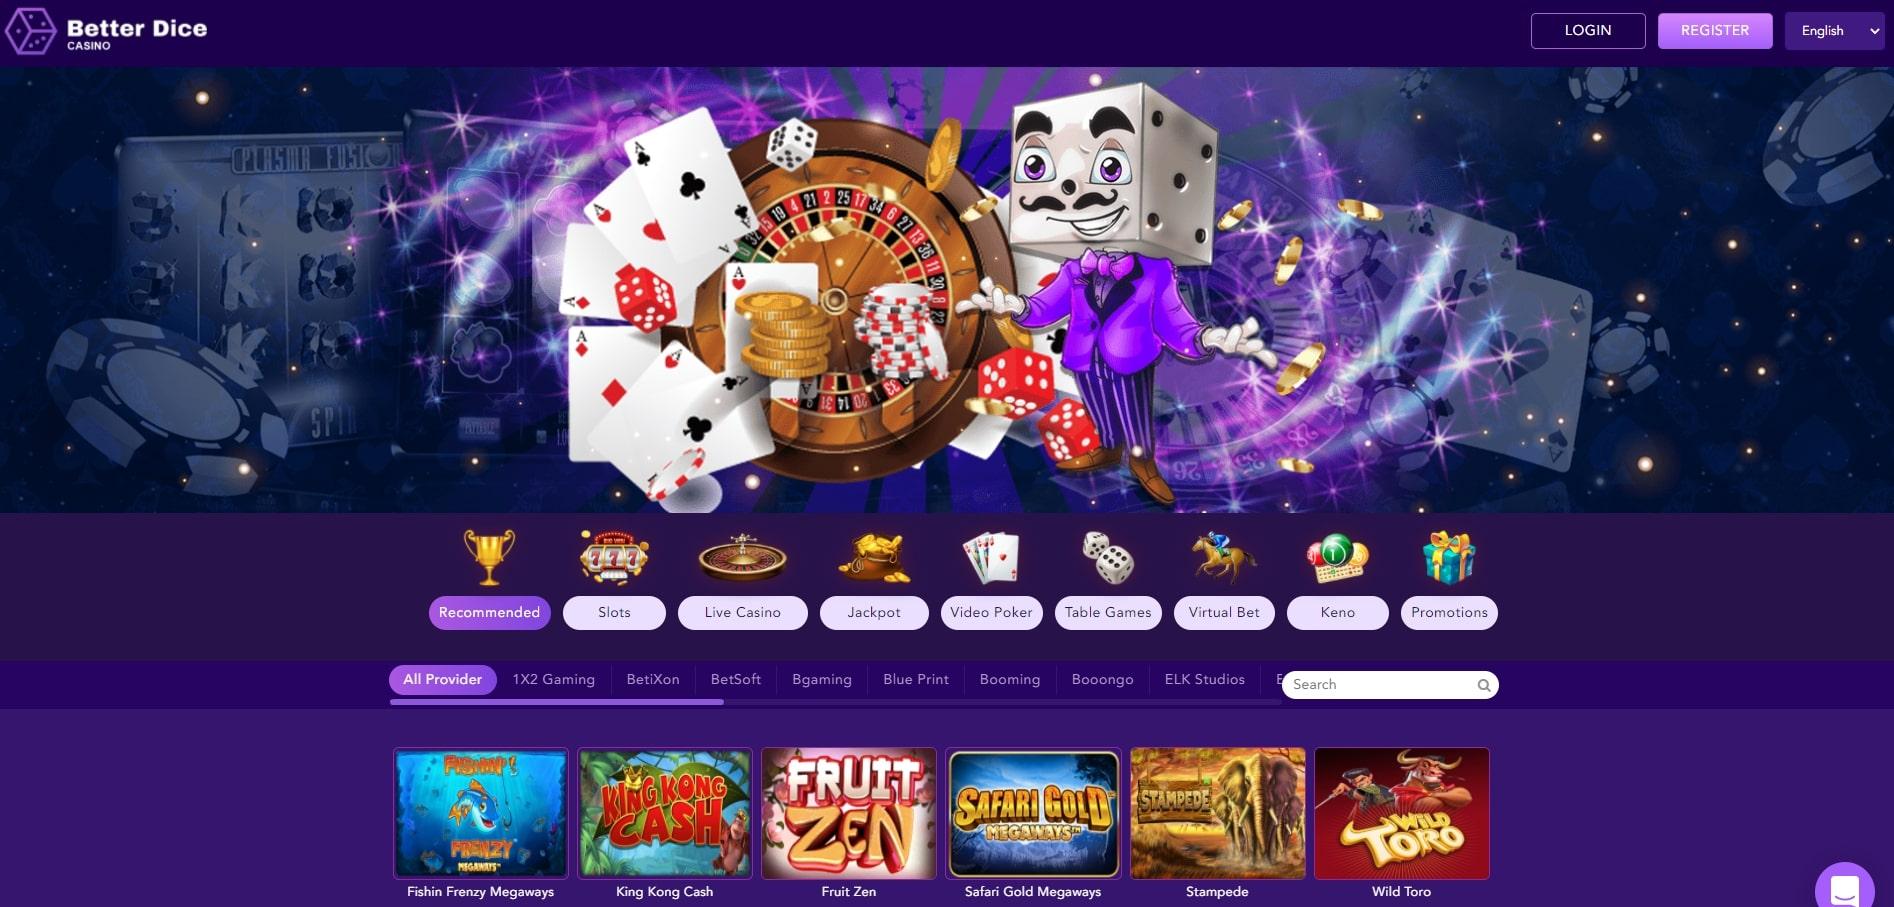 BetterDice Casino Homepage